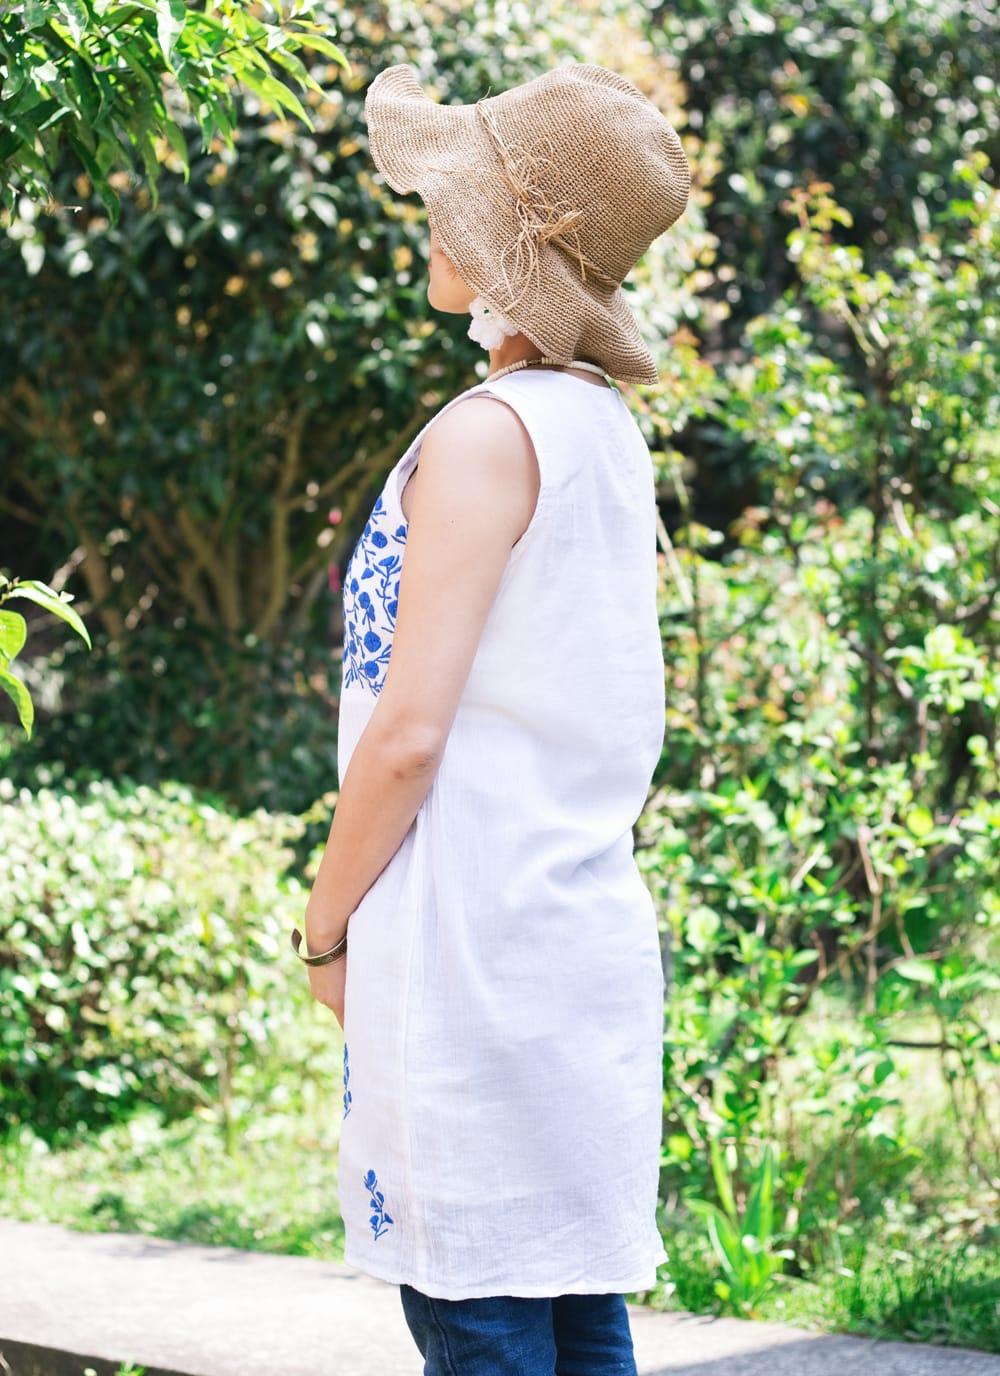 ガーゼ生地の更紗刺繍ノースリーブクルティ タッセル付き 3 - サイドからのシルエットもキレイです